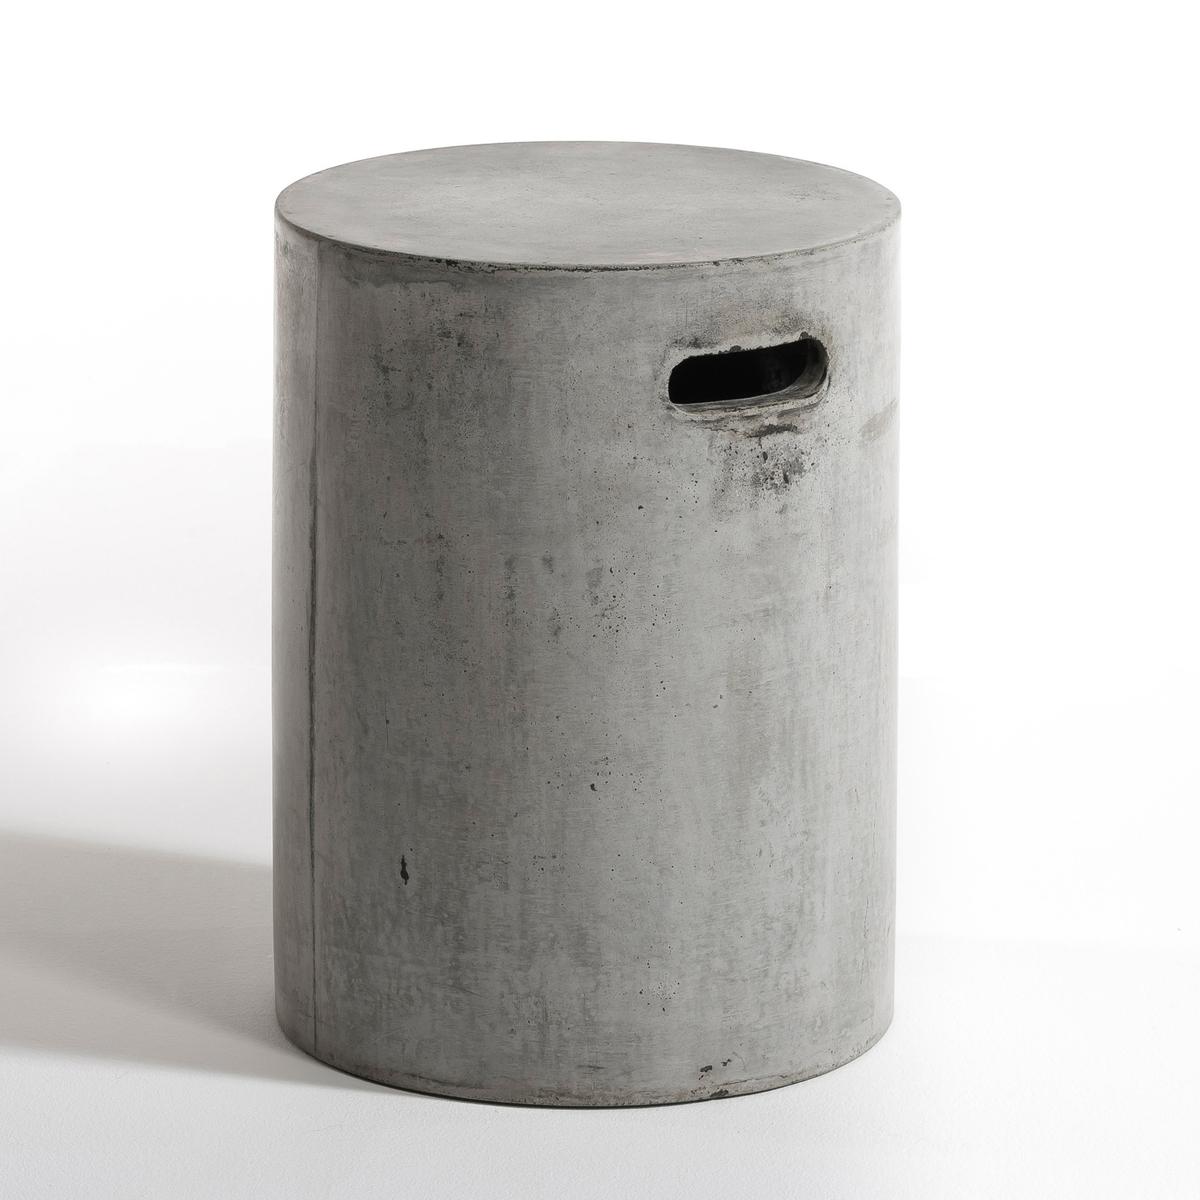 Журнальный La Redoute Столик Tatum цемент единый размер серый столик la redoute журнальный rozam единый размер черный